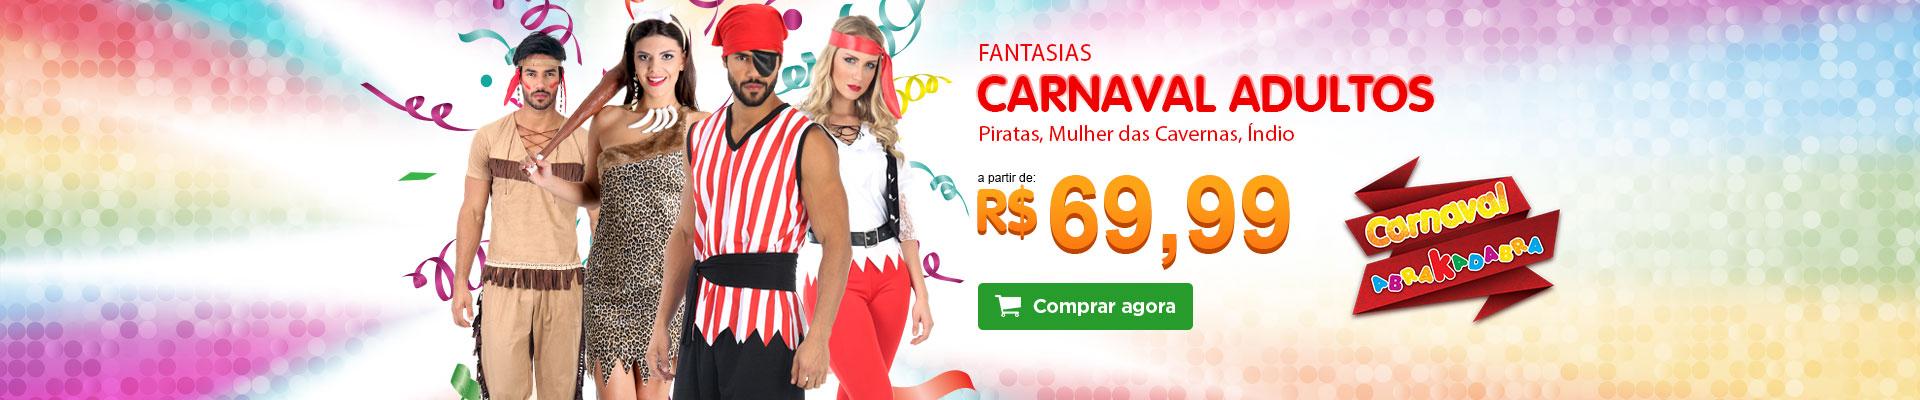 Carnaval para Adultos